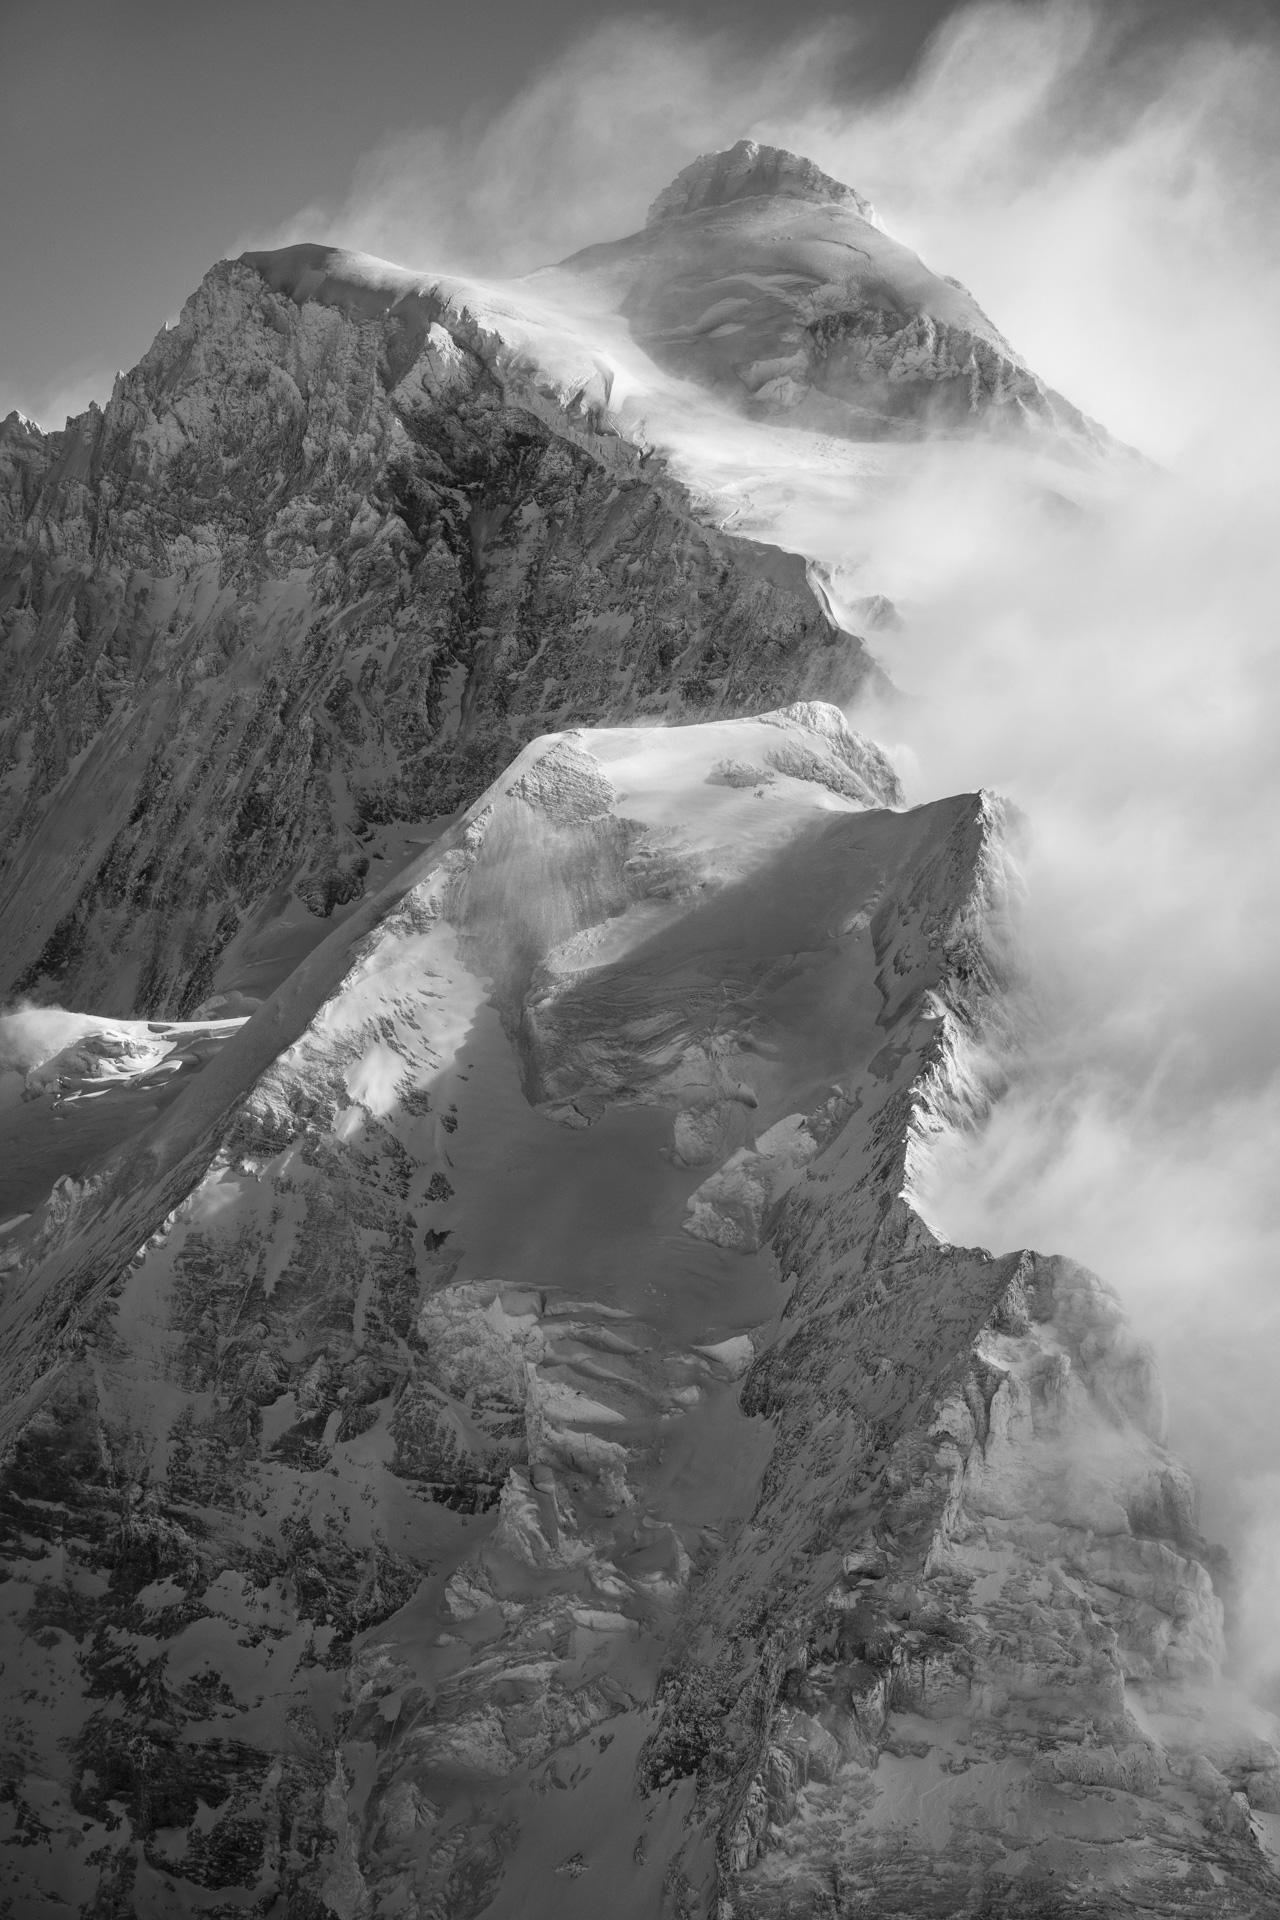 photo Jungfrau - montagne suisse - photo noir et blanc